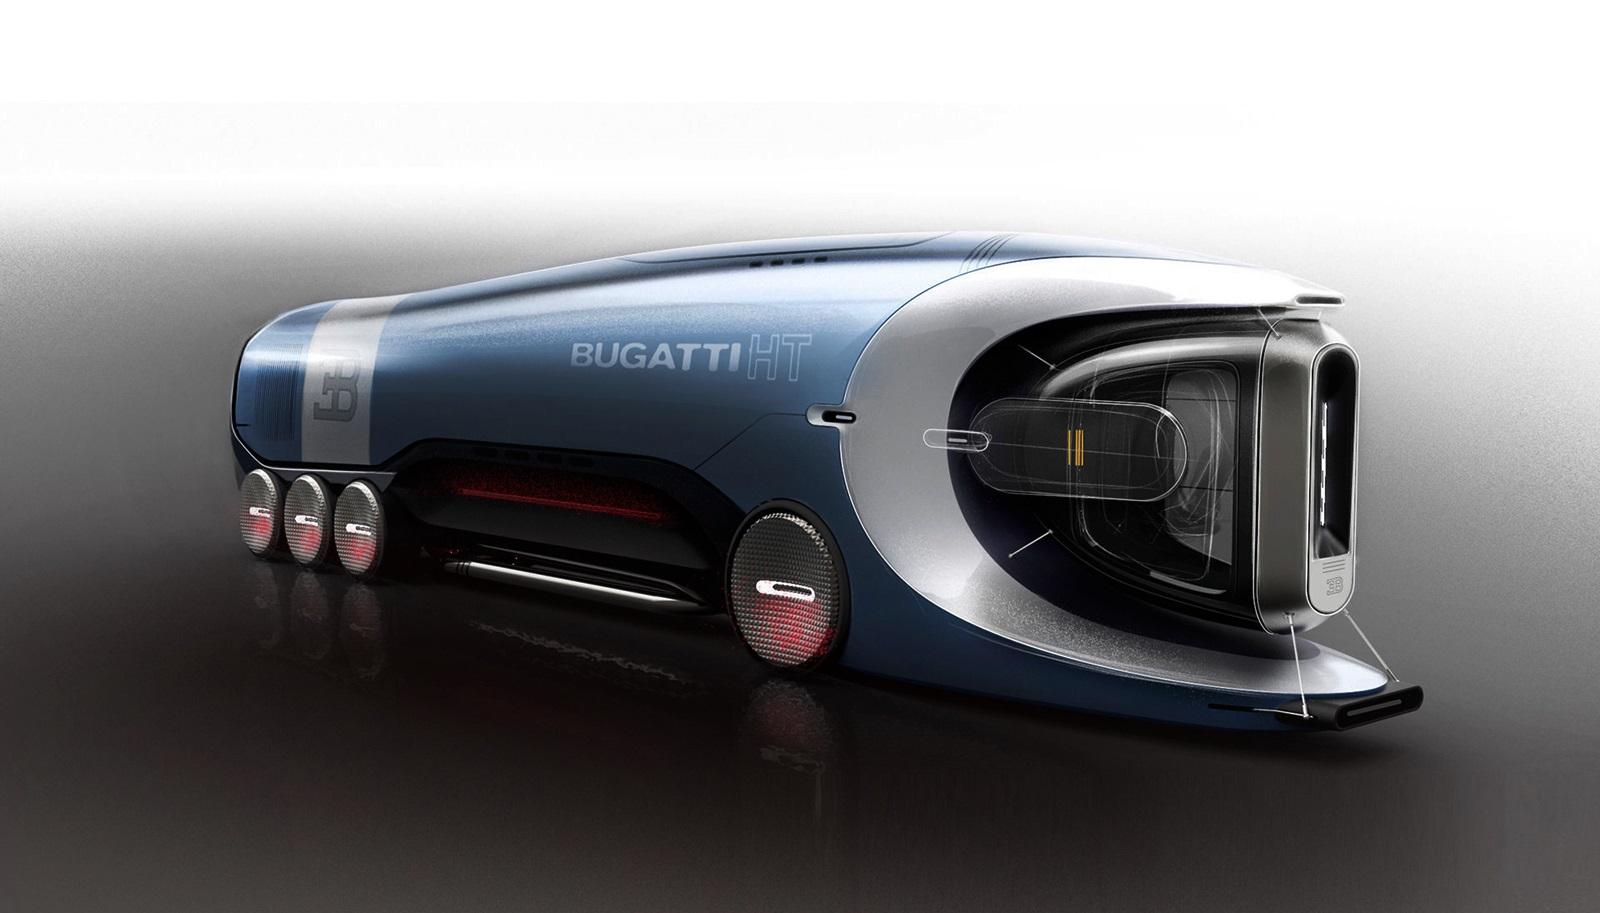 Bugatti Truck 4